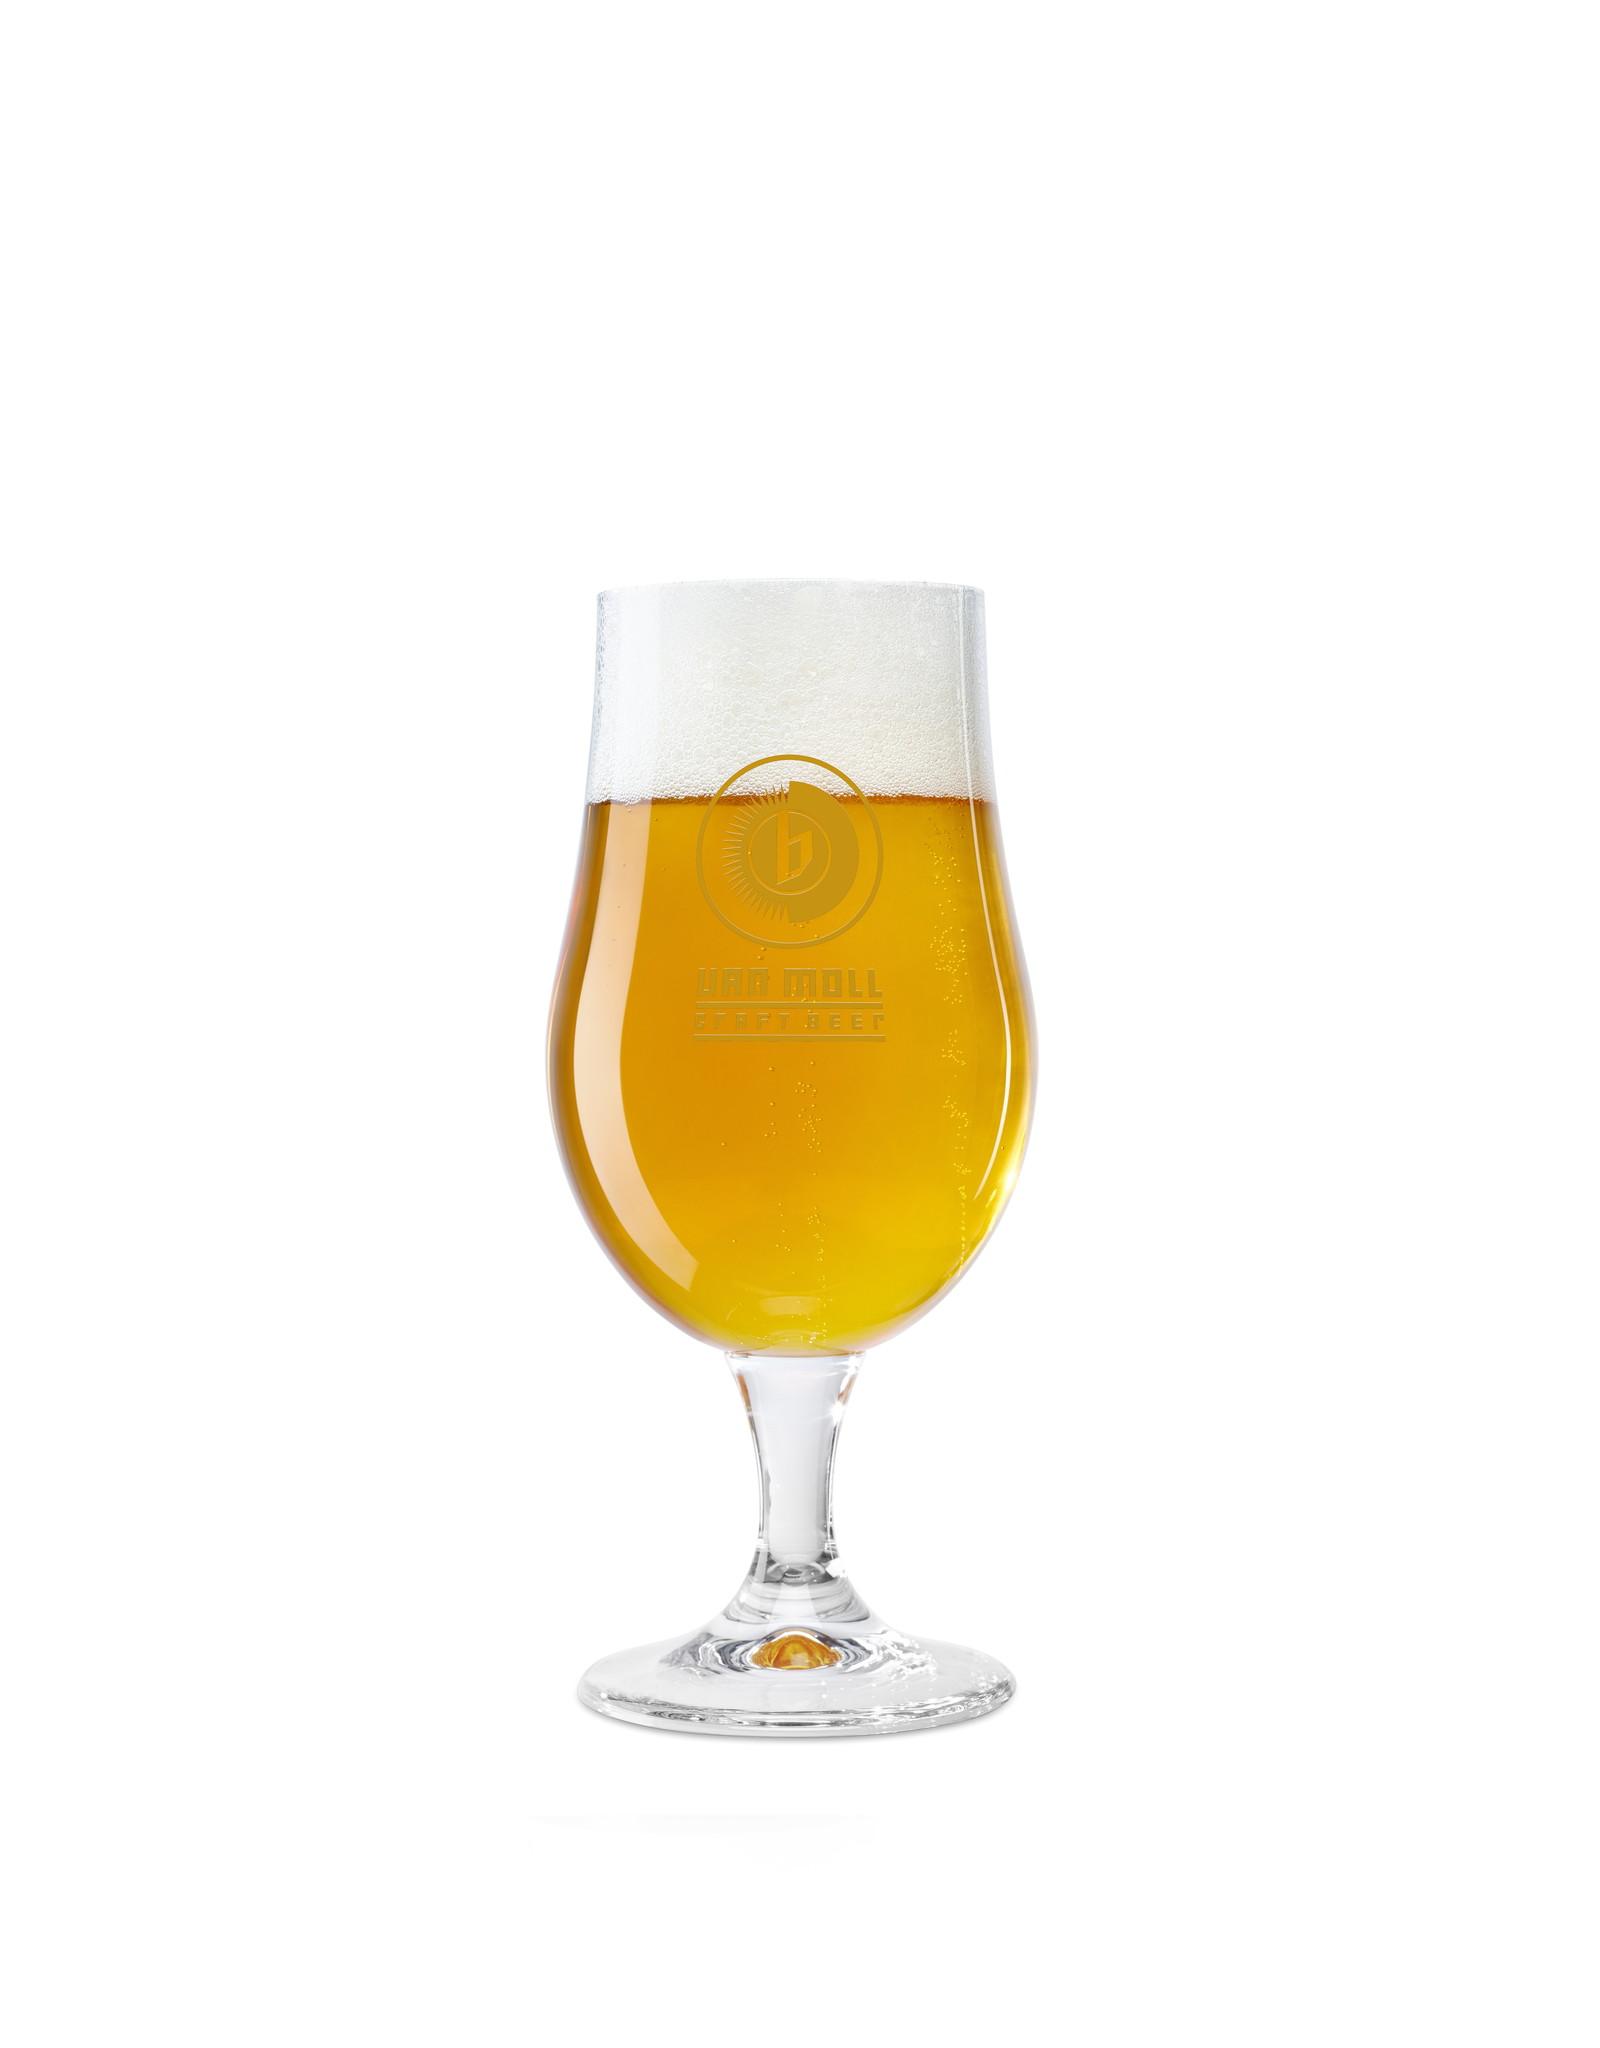 Van Moll 33cl bierglas